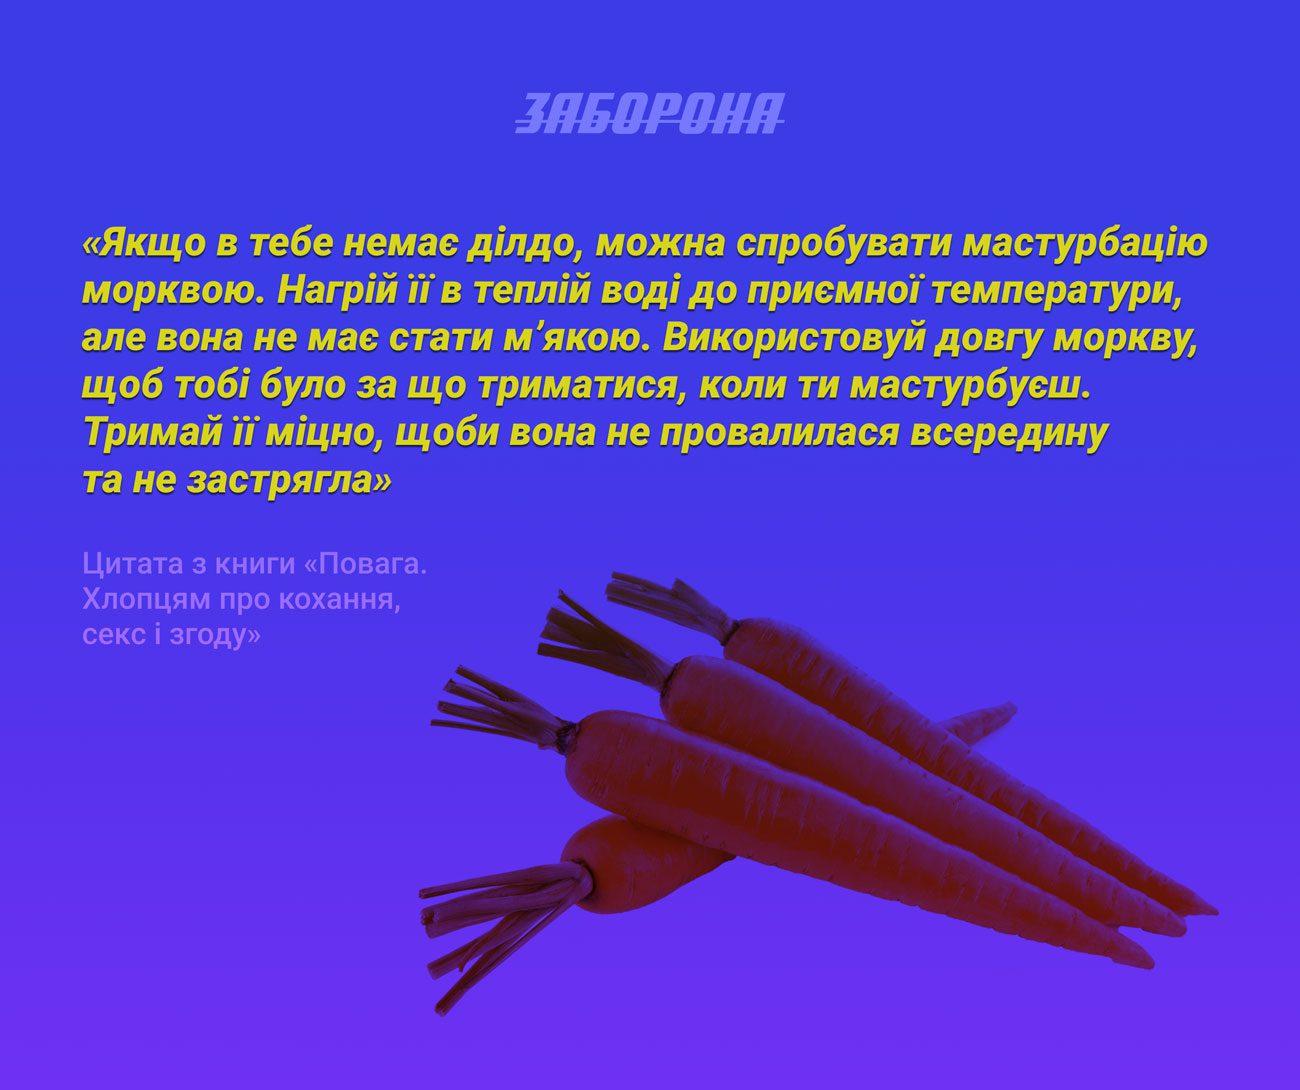 respect book quote 02  - <b>В Україні хочуть видати книжку про статеві стосунки для хлопчиків, але без розділу про одностатевий секс</b> - Заборона